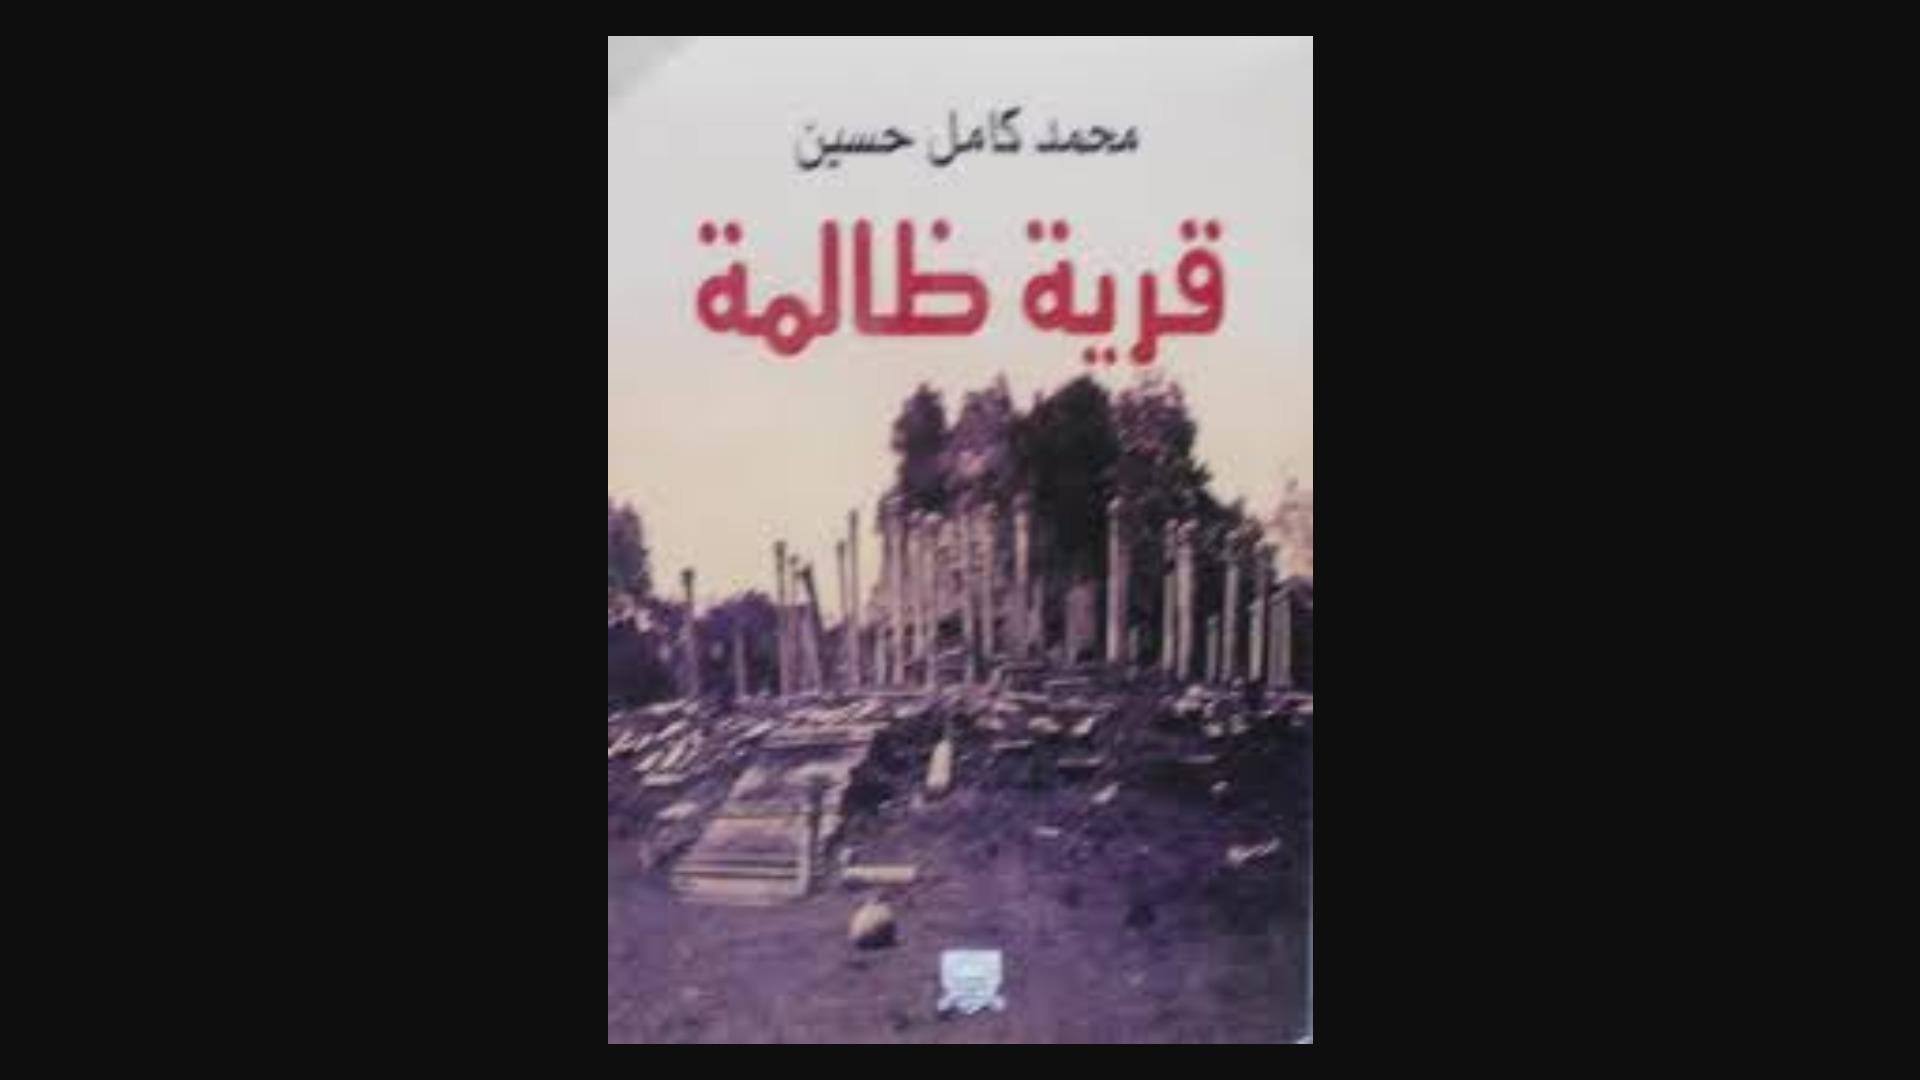 قرية ظالمة Image